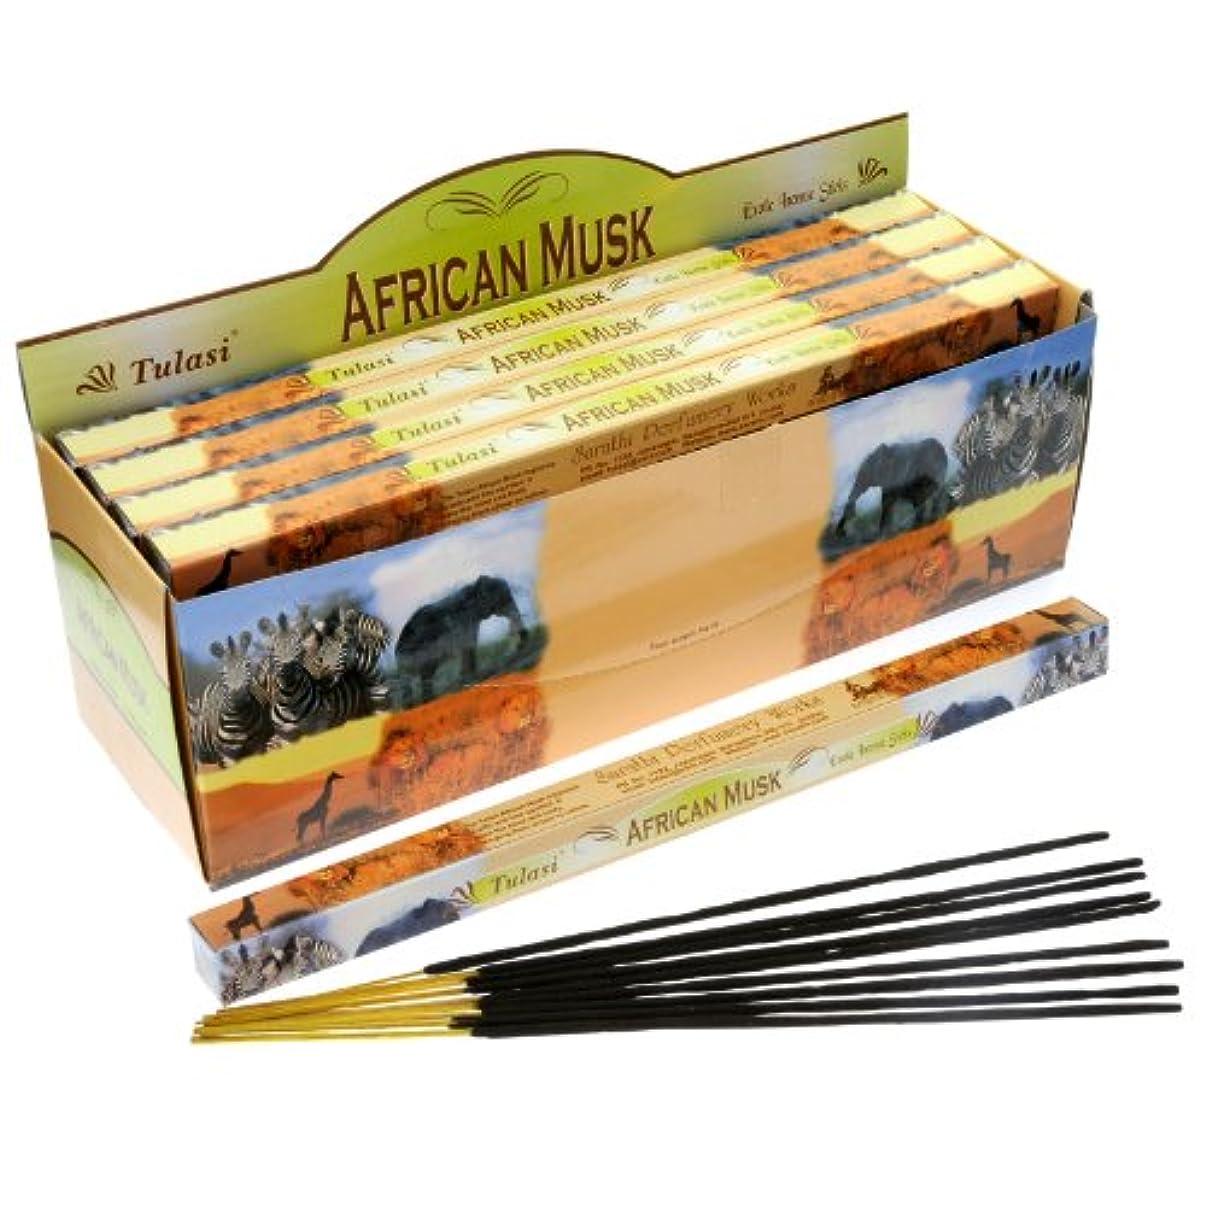 専門知識交渉する覆すTulasi African Musk Incense、8 Sticks x 25パック